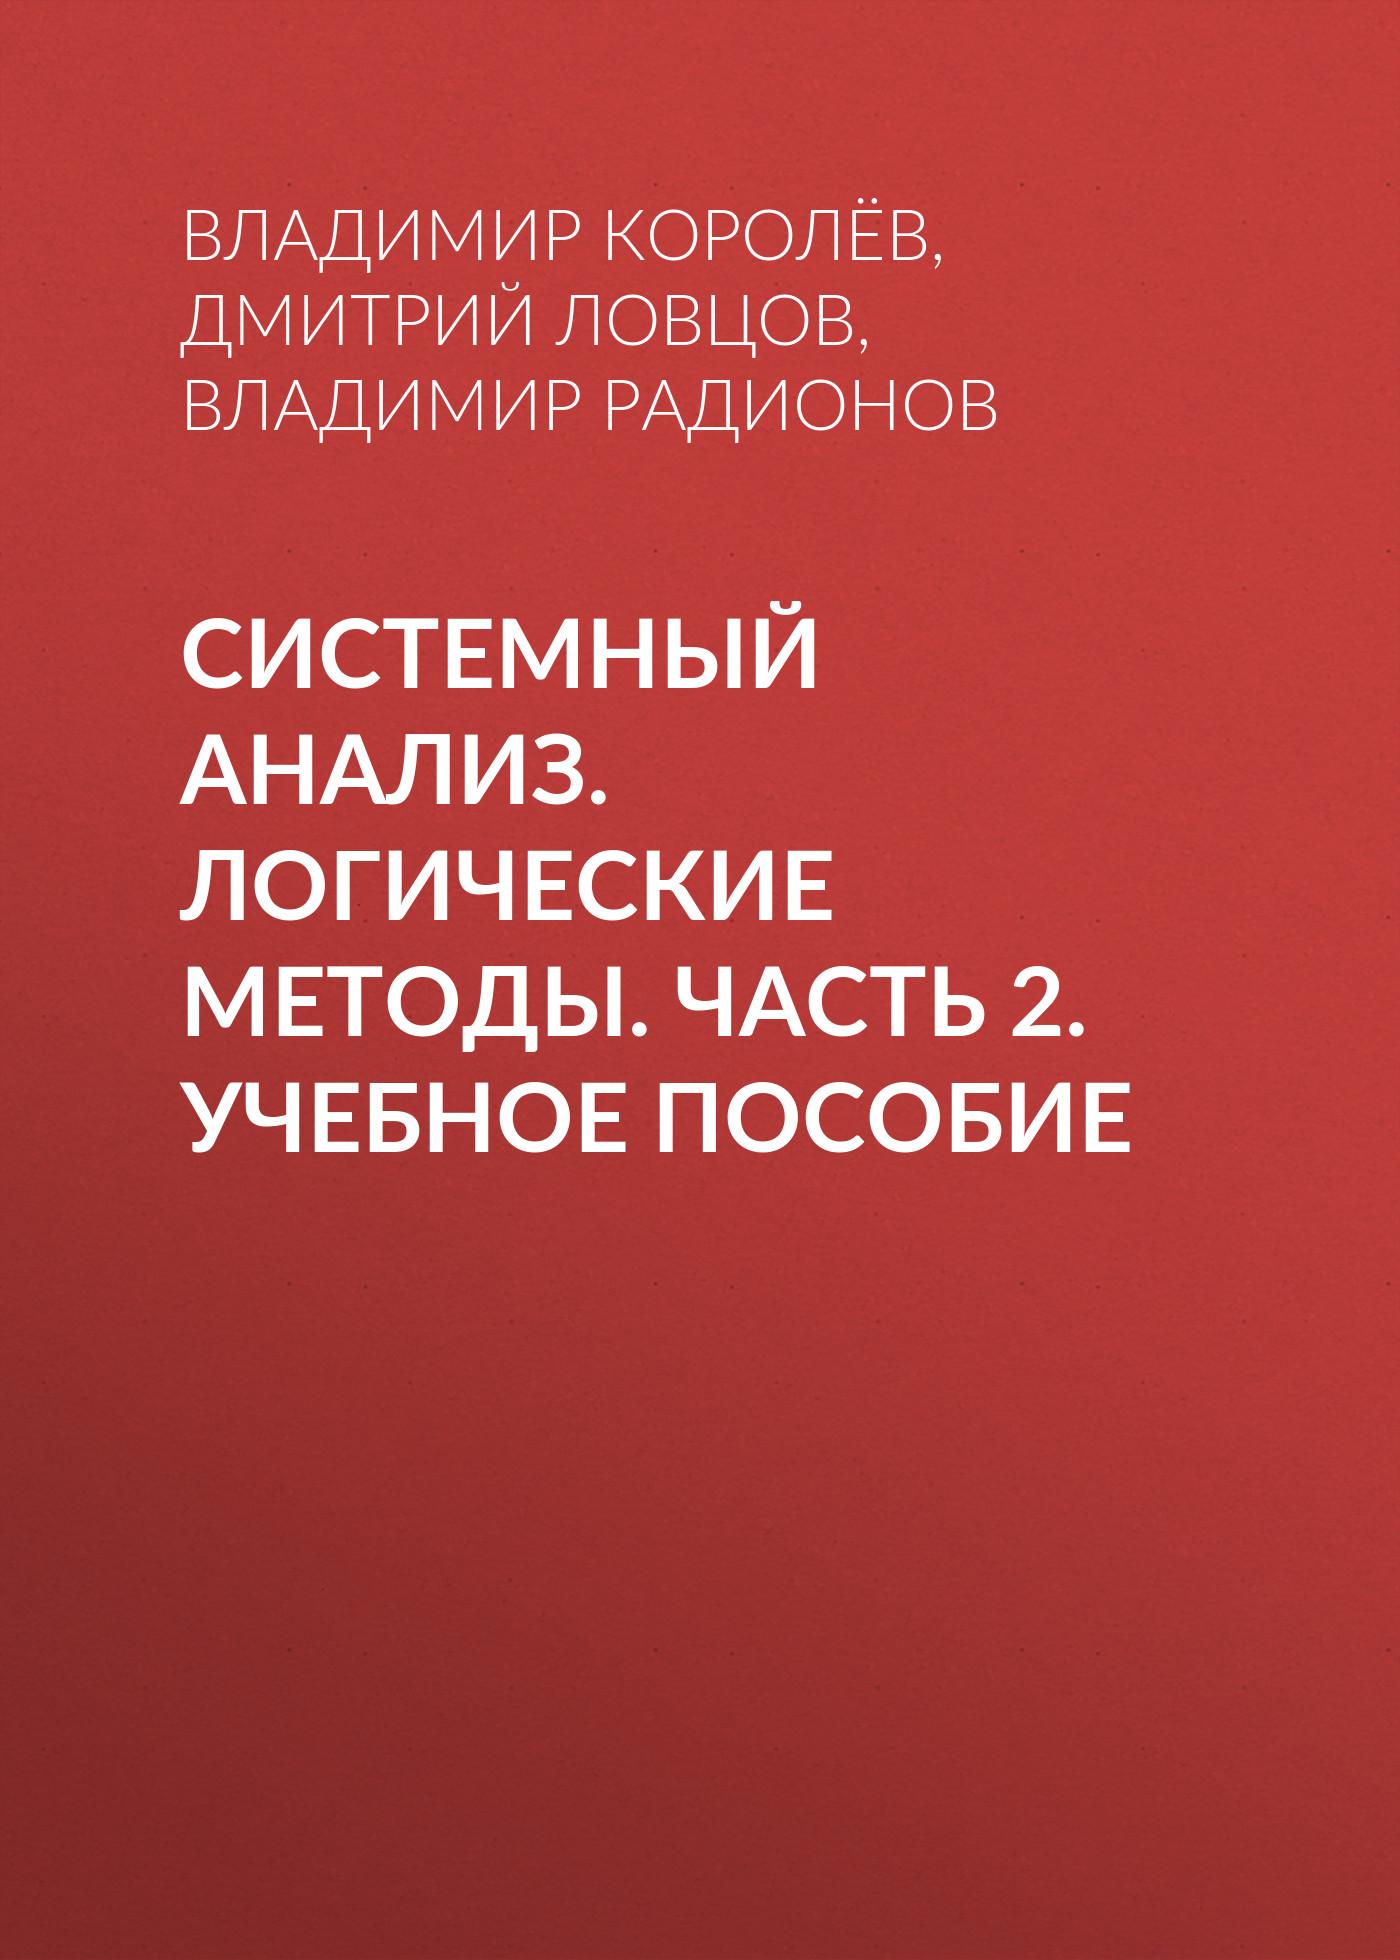 купить В. Т. Королёв Системный анализ. Логические методы. Часть 2. Учебное пособие по цене 129 рублей